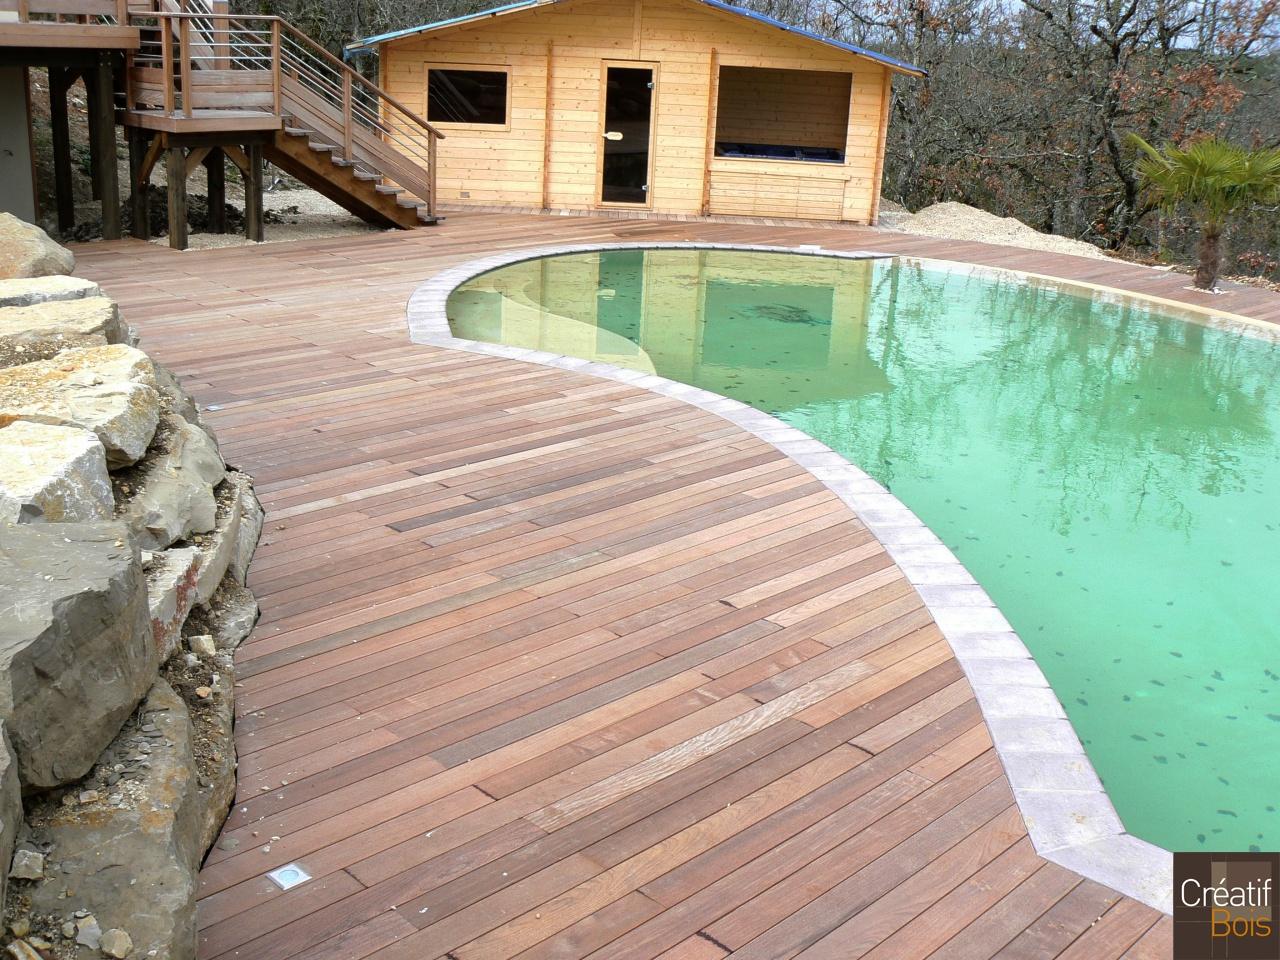 plage bois piscine id e int ressante pour la conception de meubles en bois qui inspire. Black Bedroom Furniture Sets. Home Design Ideas